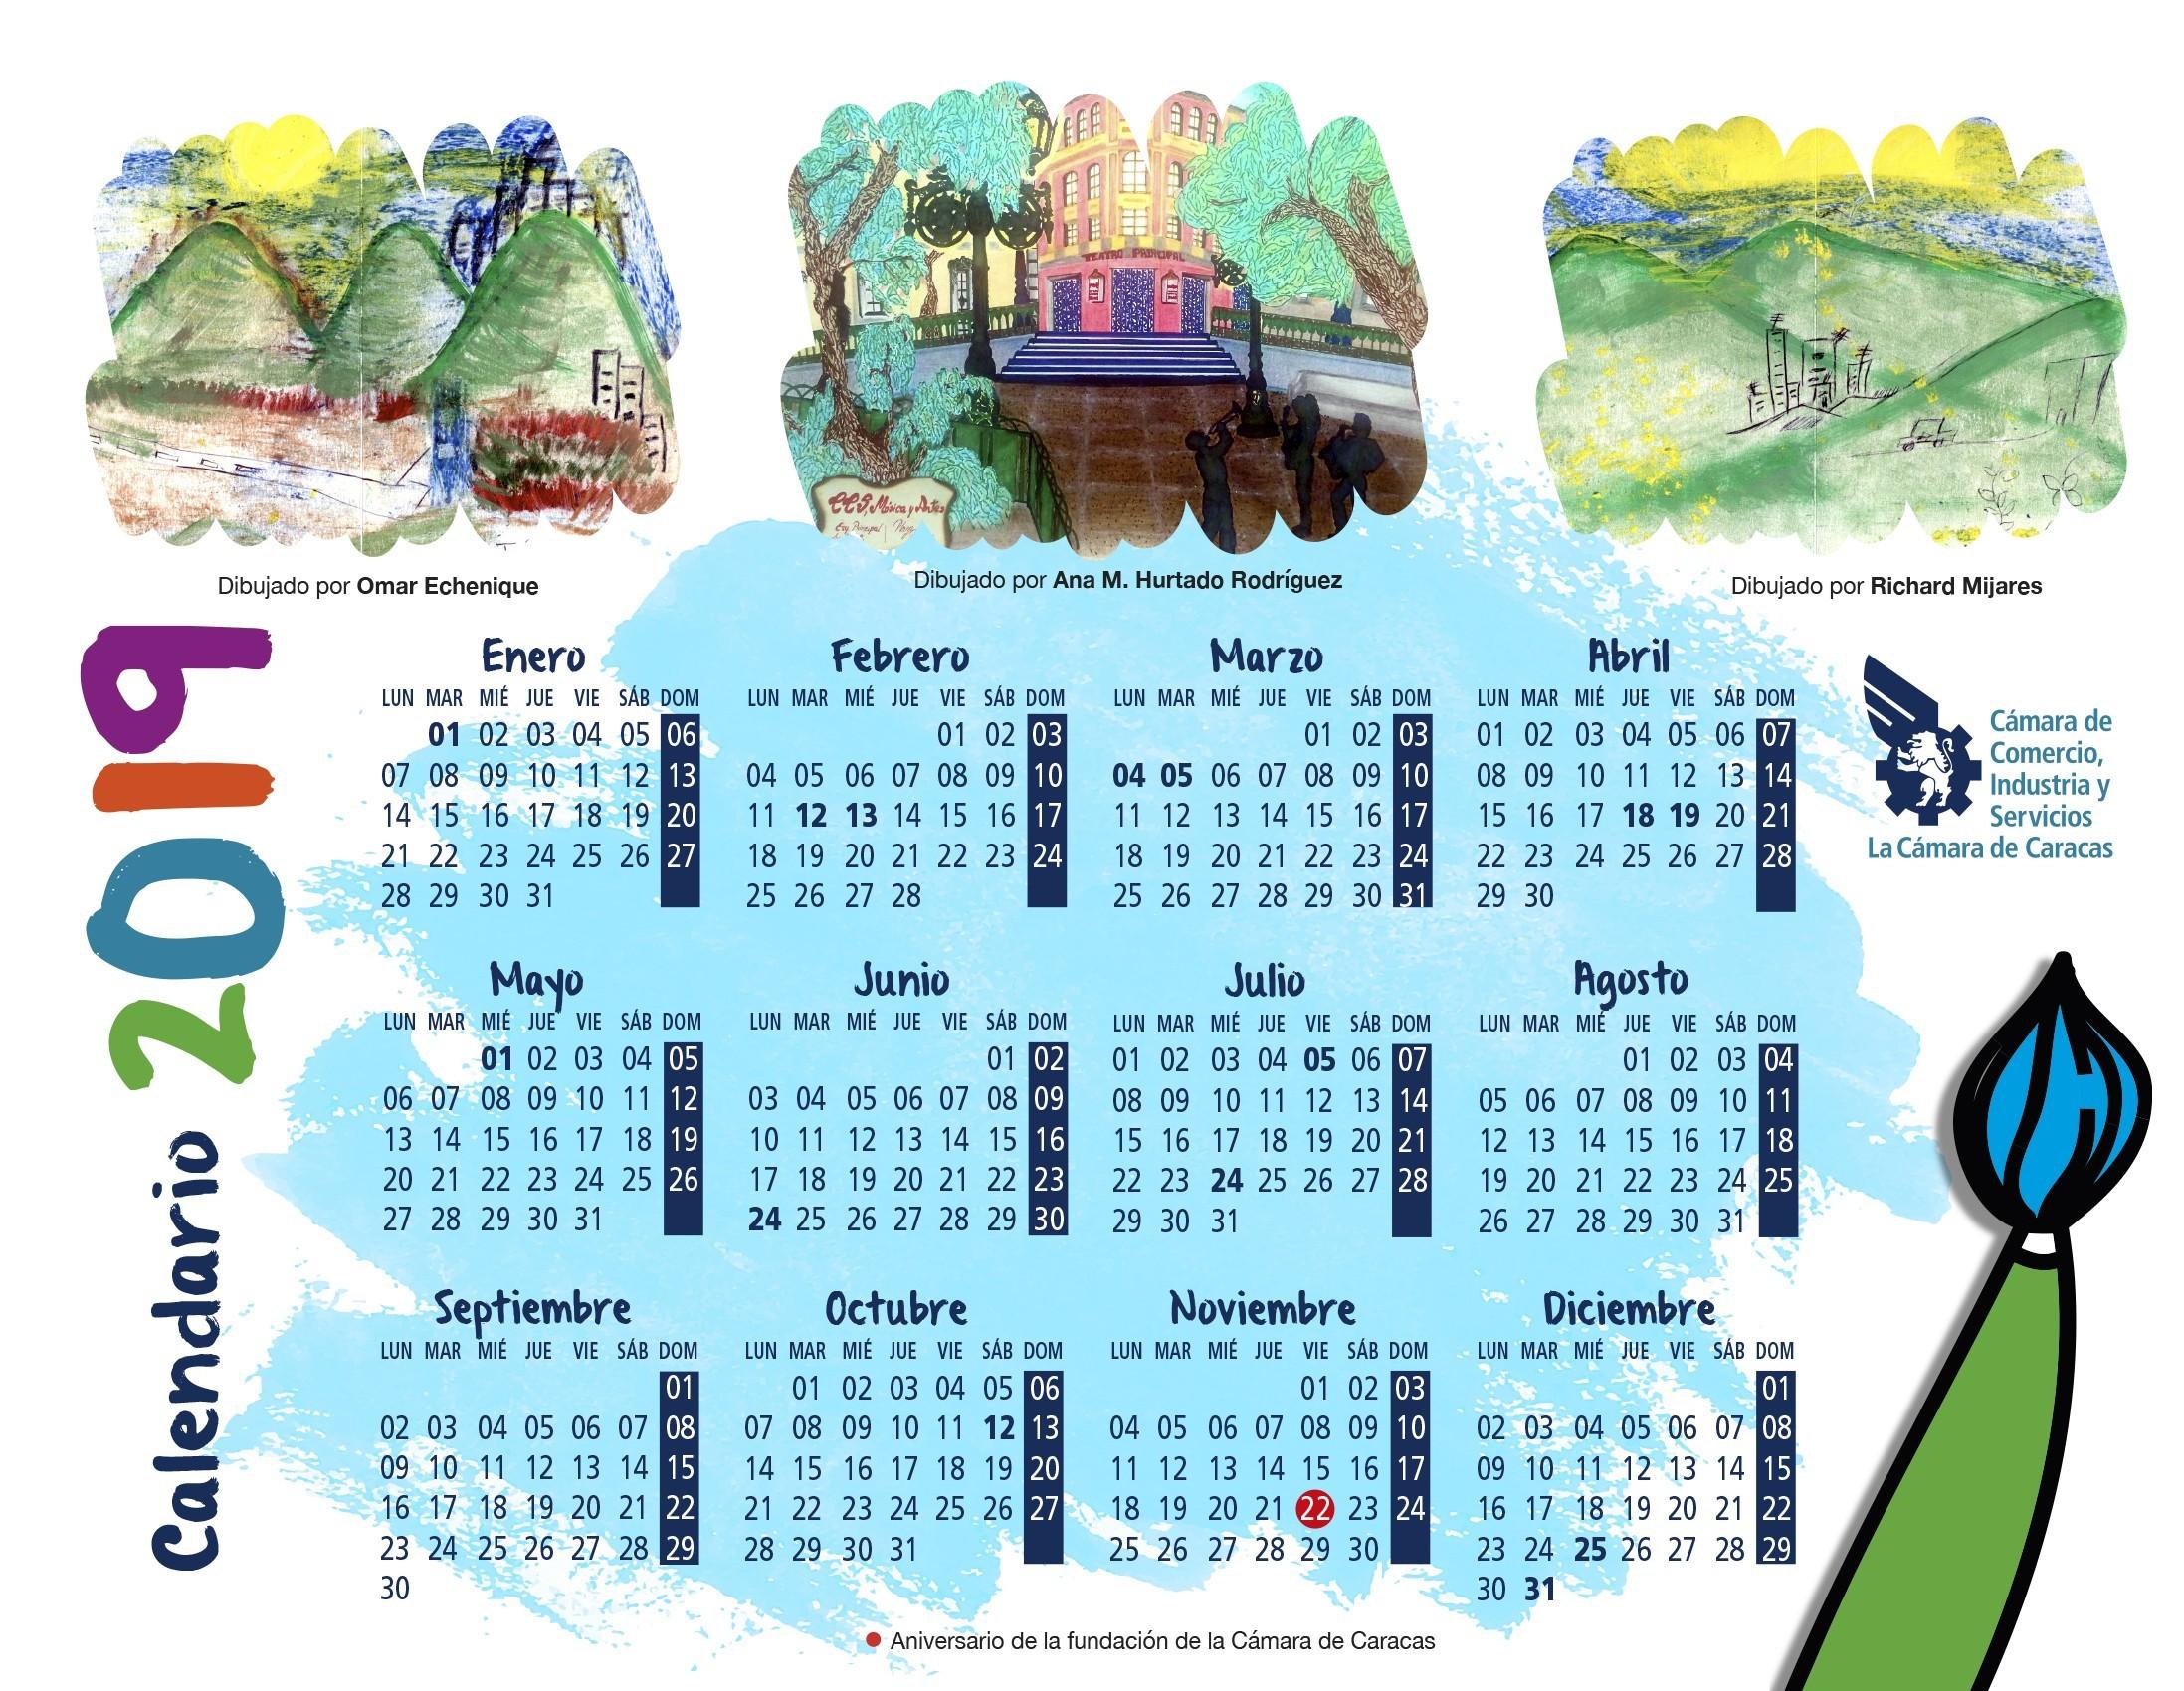 Calendario 2019 Colombia Descargar Más Recientes Esto Es Exactamente Calendario 2019 Y 2019 Para Imprimir Of Calendario 2019 Colombia Descargar Recientes Calendario Marzo 2019 Argentina